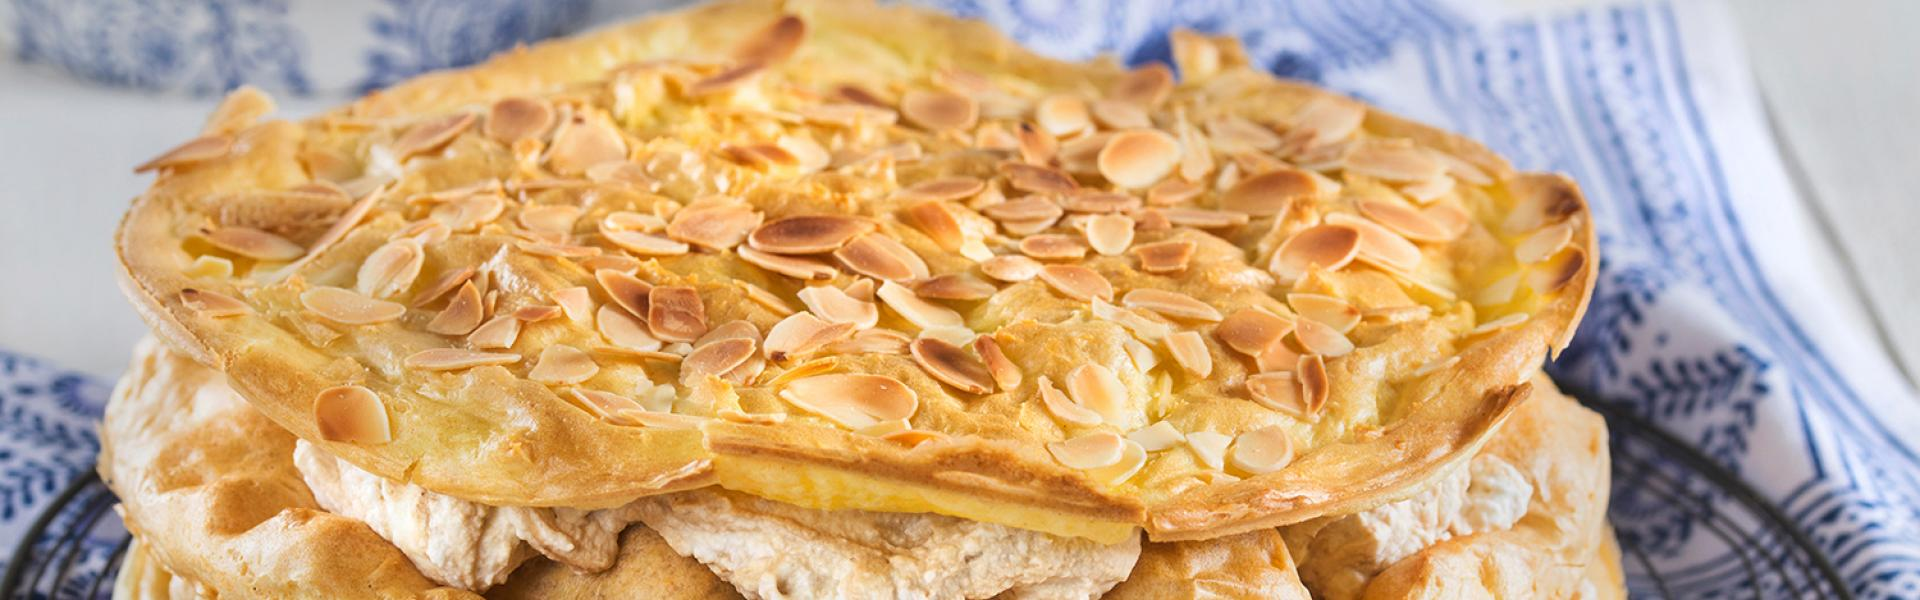 Cappuccino-Torte mit Mandeln liegt auf einem Kuchengitter.